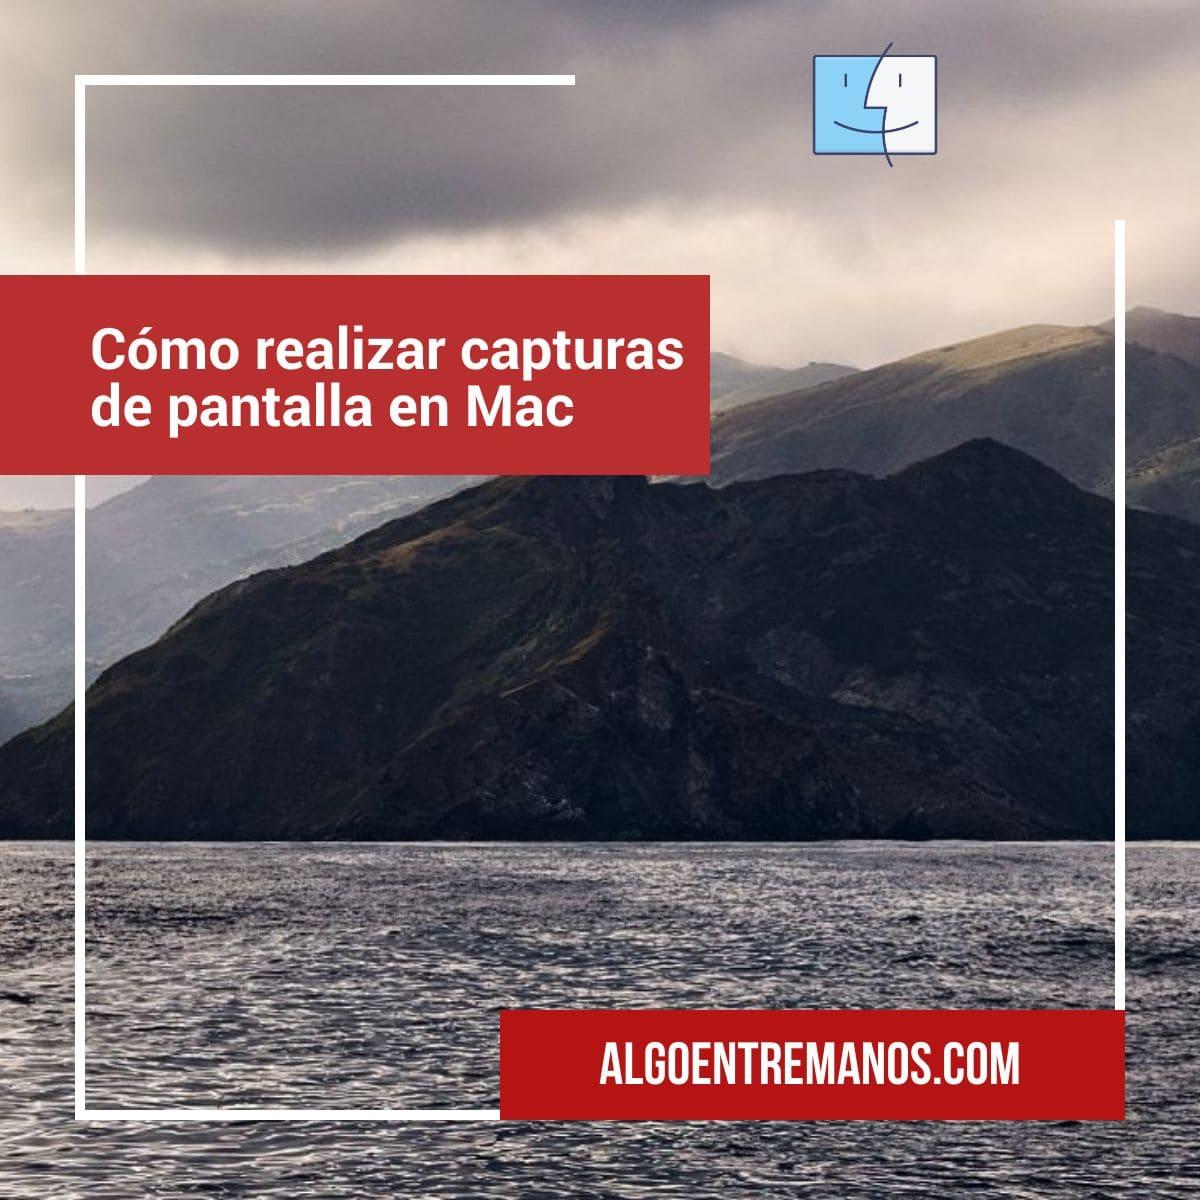 Cómo realizar capturas de pantalla en Mac y añadir lo que quieras a la foto